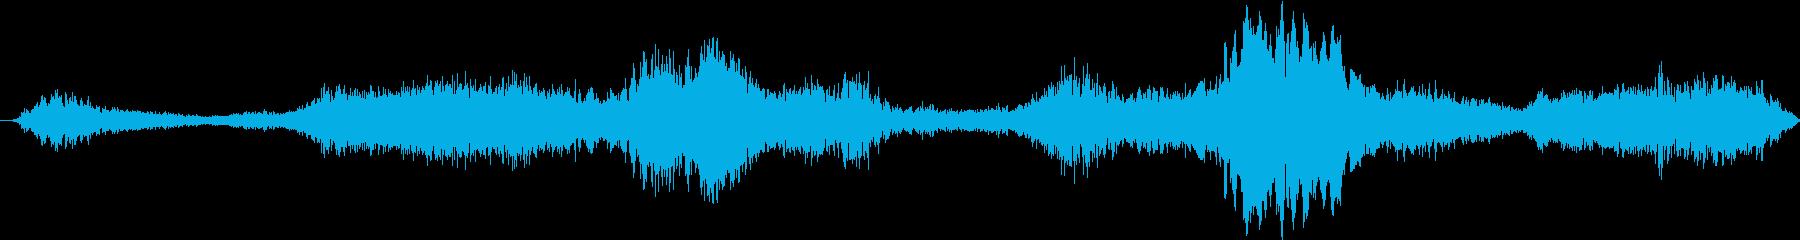 ハーモニックテクスチャーを備えたパ...の再生済みの波形